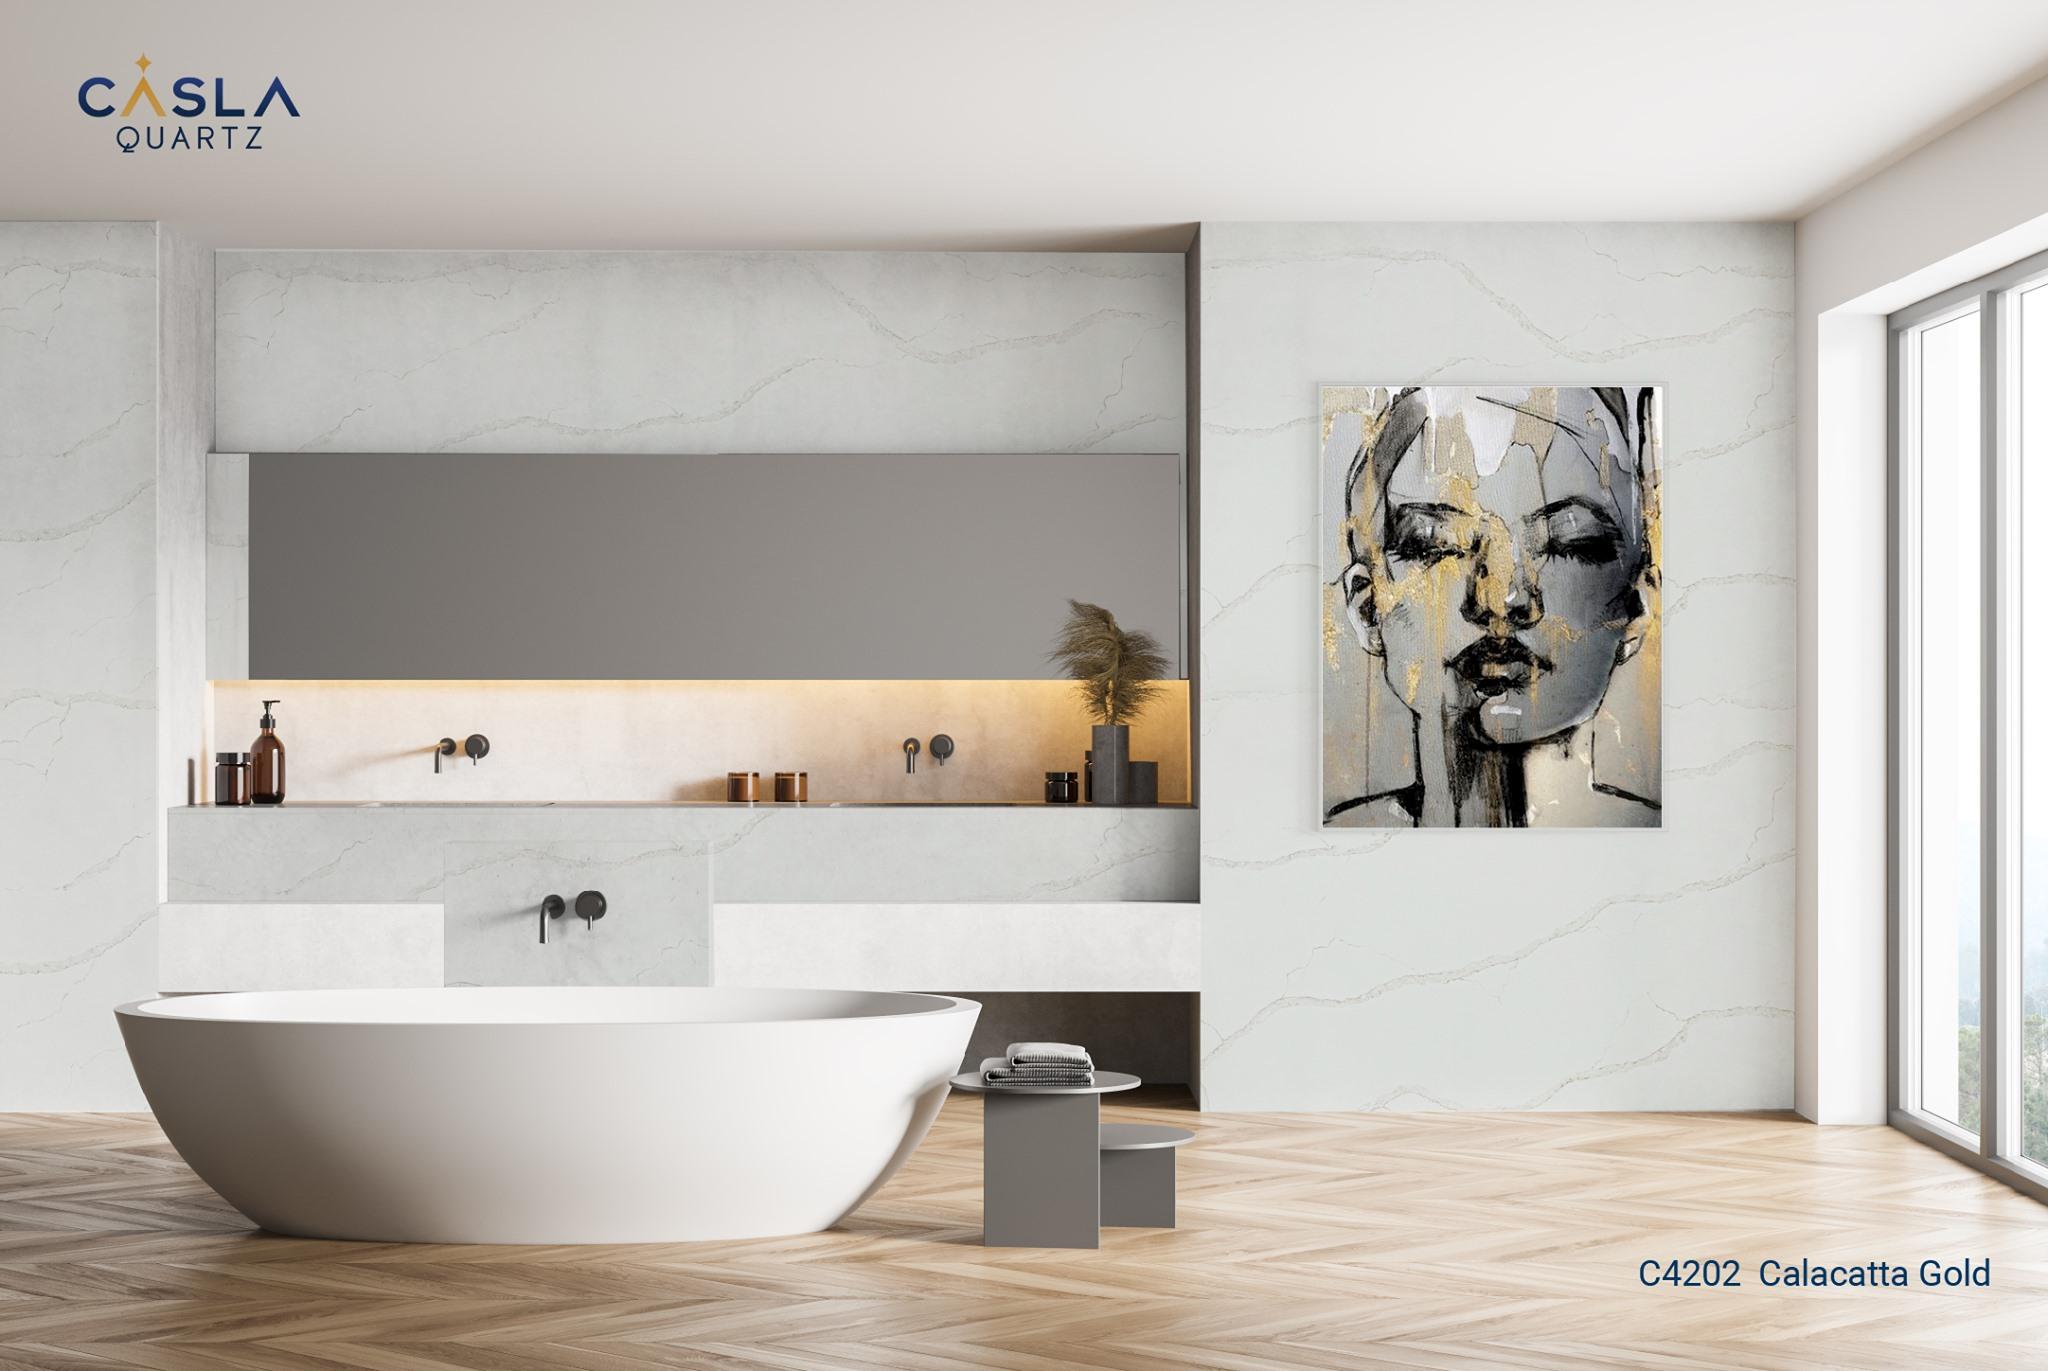 Ứng dụng của đá nhân tạo Calacatta Gold trong phòng tắm - nhà vệ sinh cao cấp